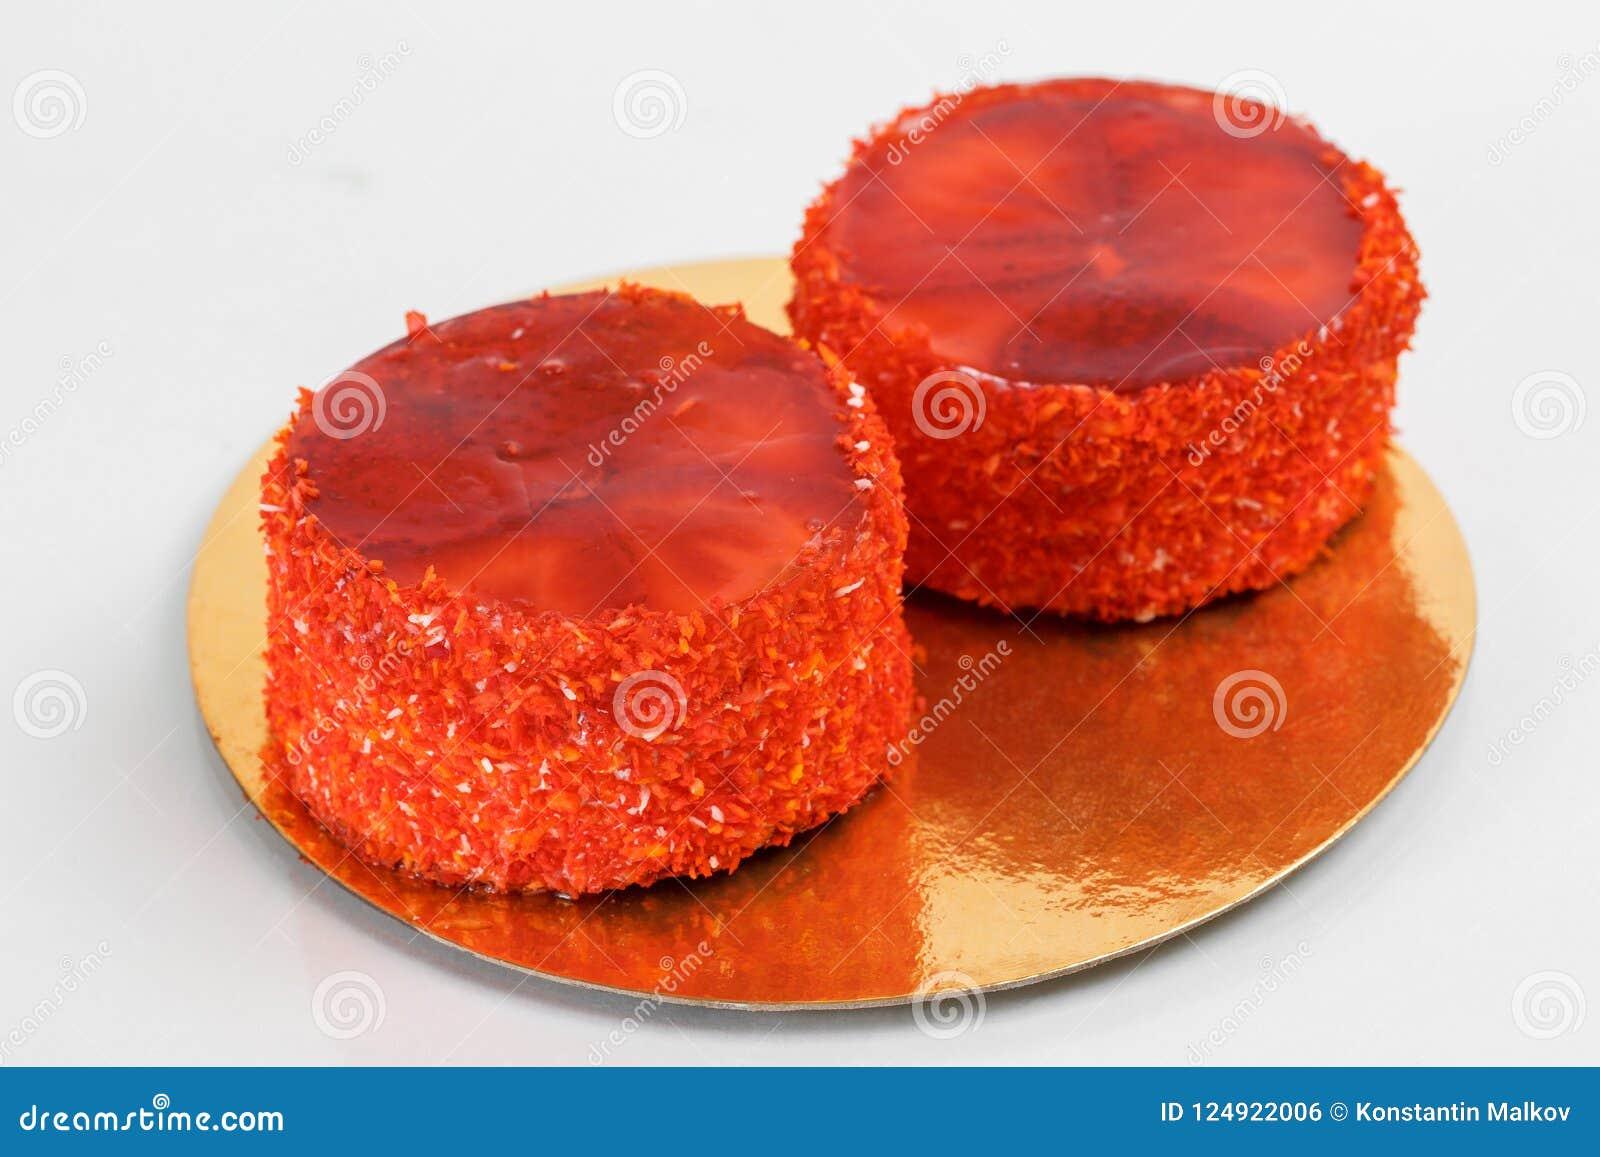 蛋糕 分层堆积与乳脂状的奶油的松糕在板材 甜食物和点心 关闭